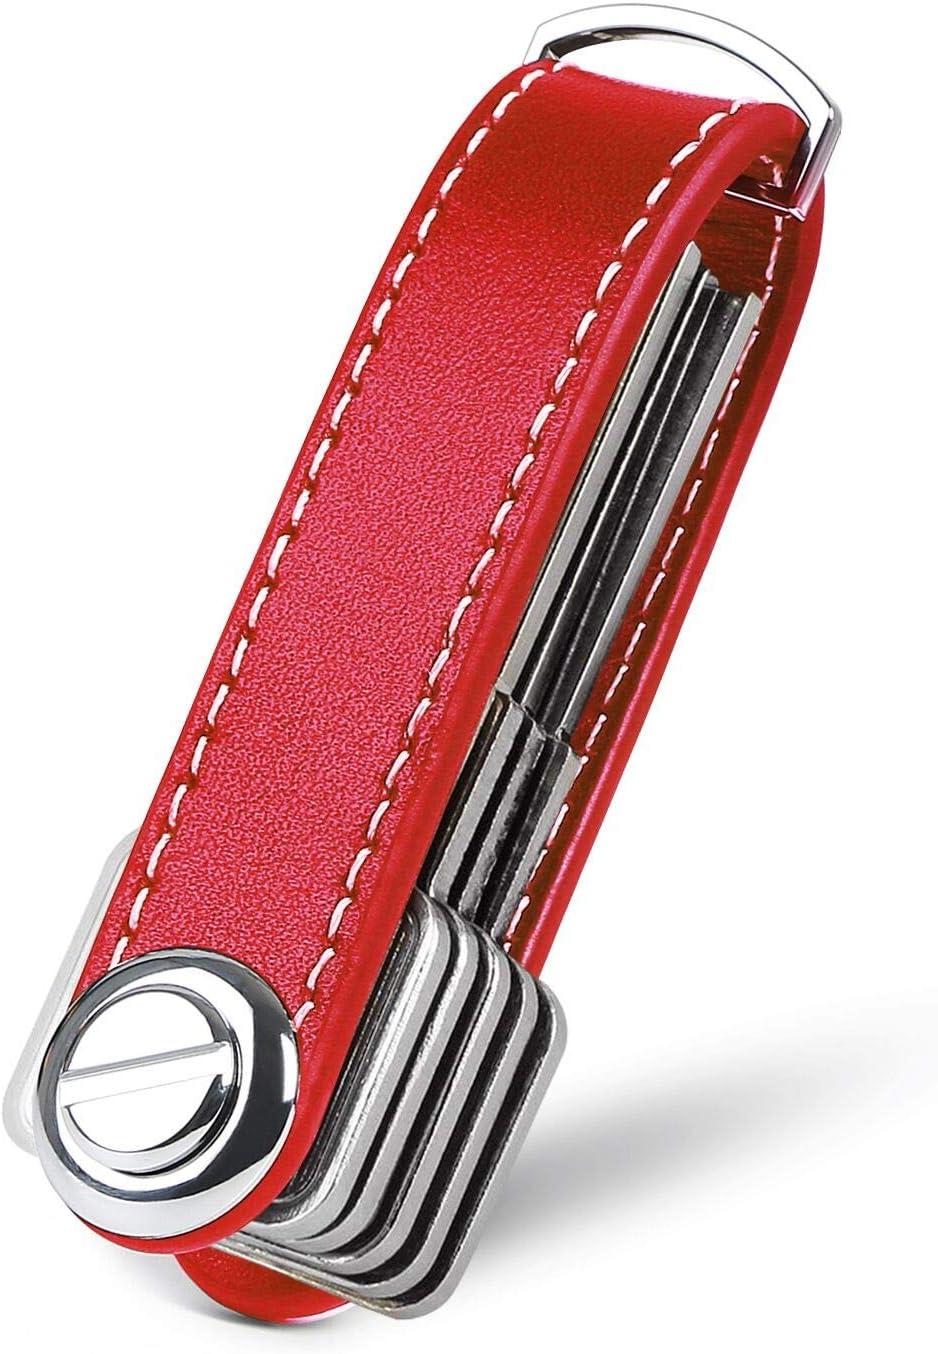 flintronic Organizador de Llaves | Llavero de Cuero Genuino | Titular de la Llave de Bolsillo Inteligente con un Elegante Estuche para Regalo (Sostiene Entre 7 y 9 Teclas Múltiples) - Rojo